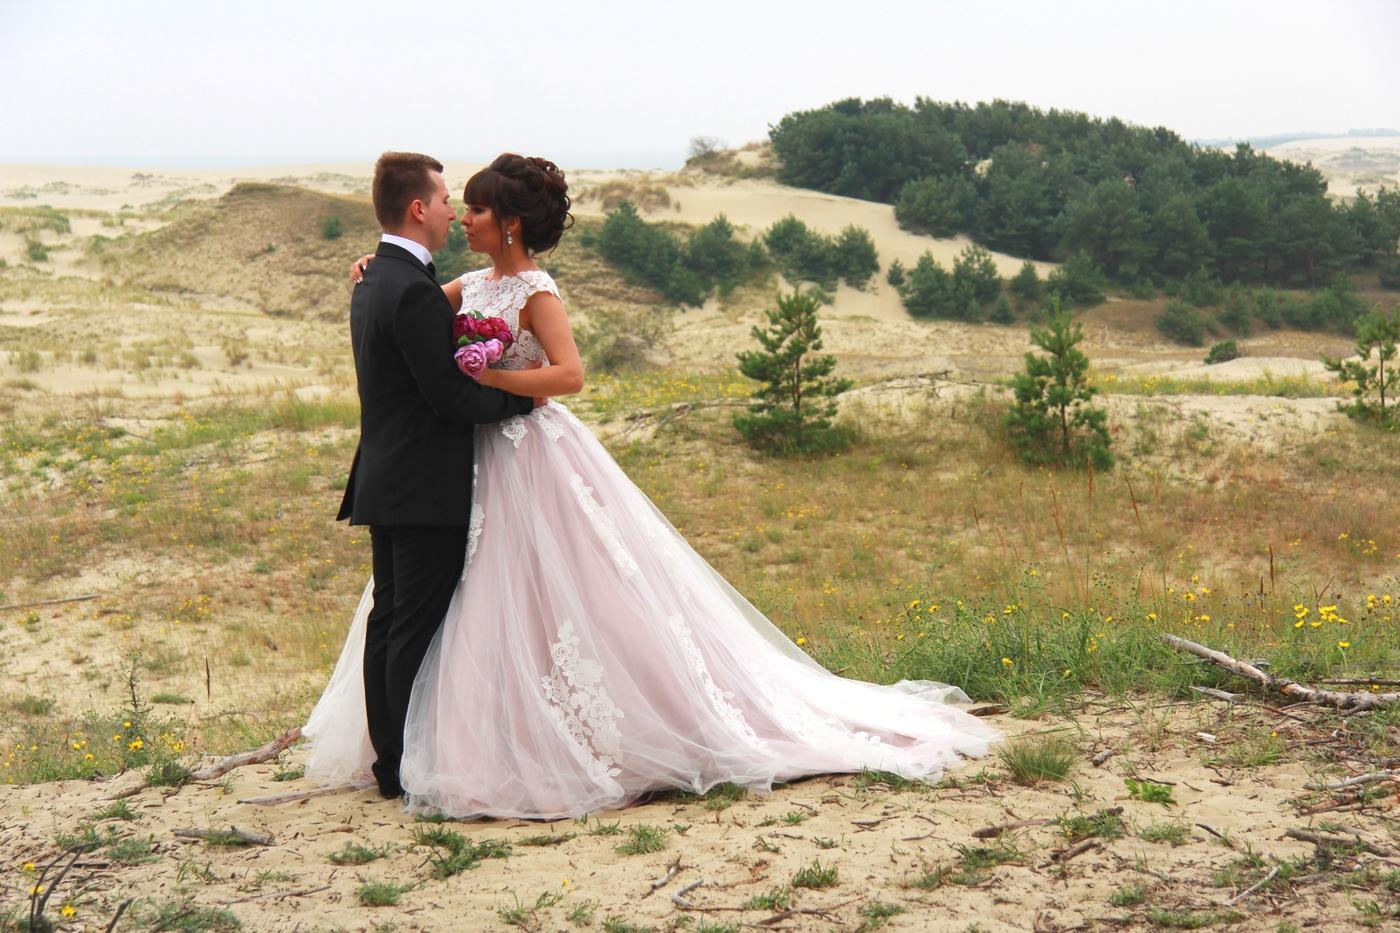 вами фотосессия свадебная калининградская область судьбу актрисы